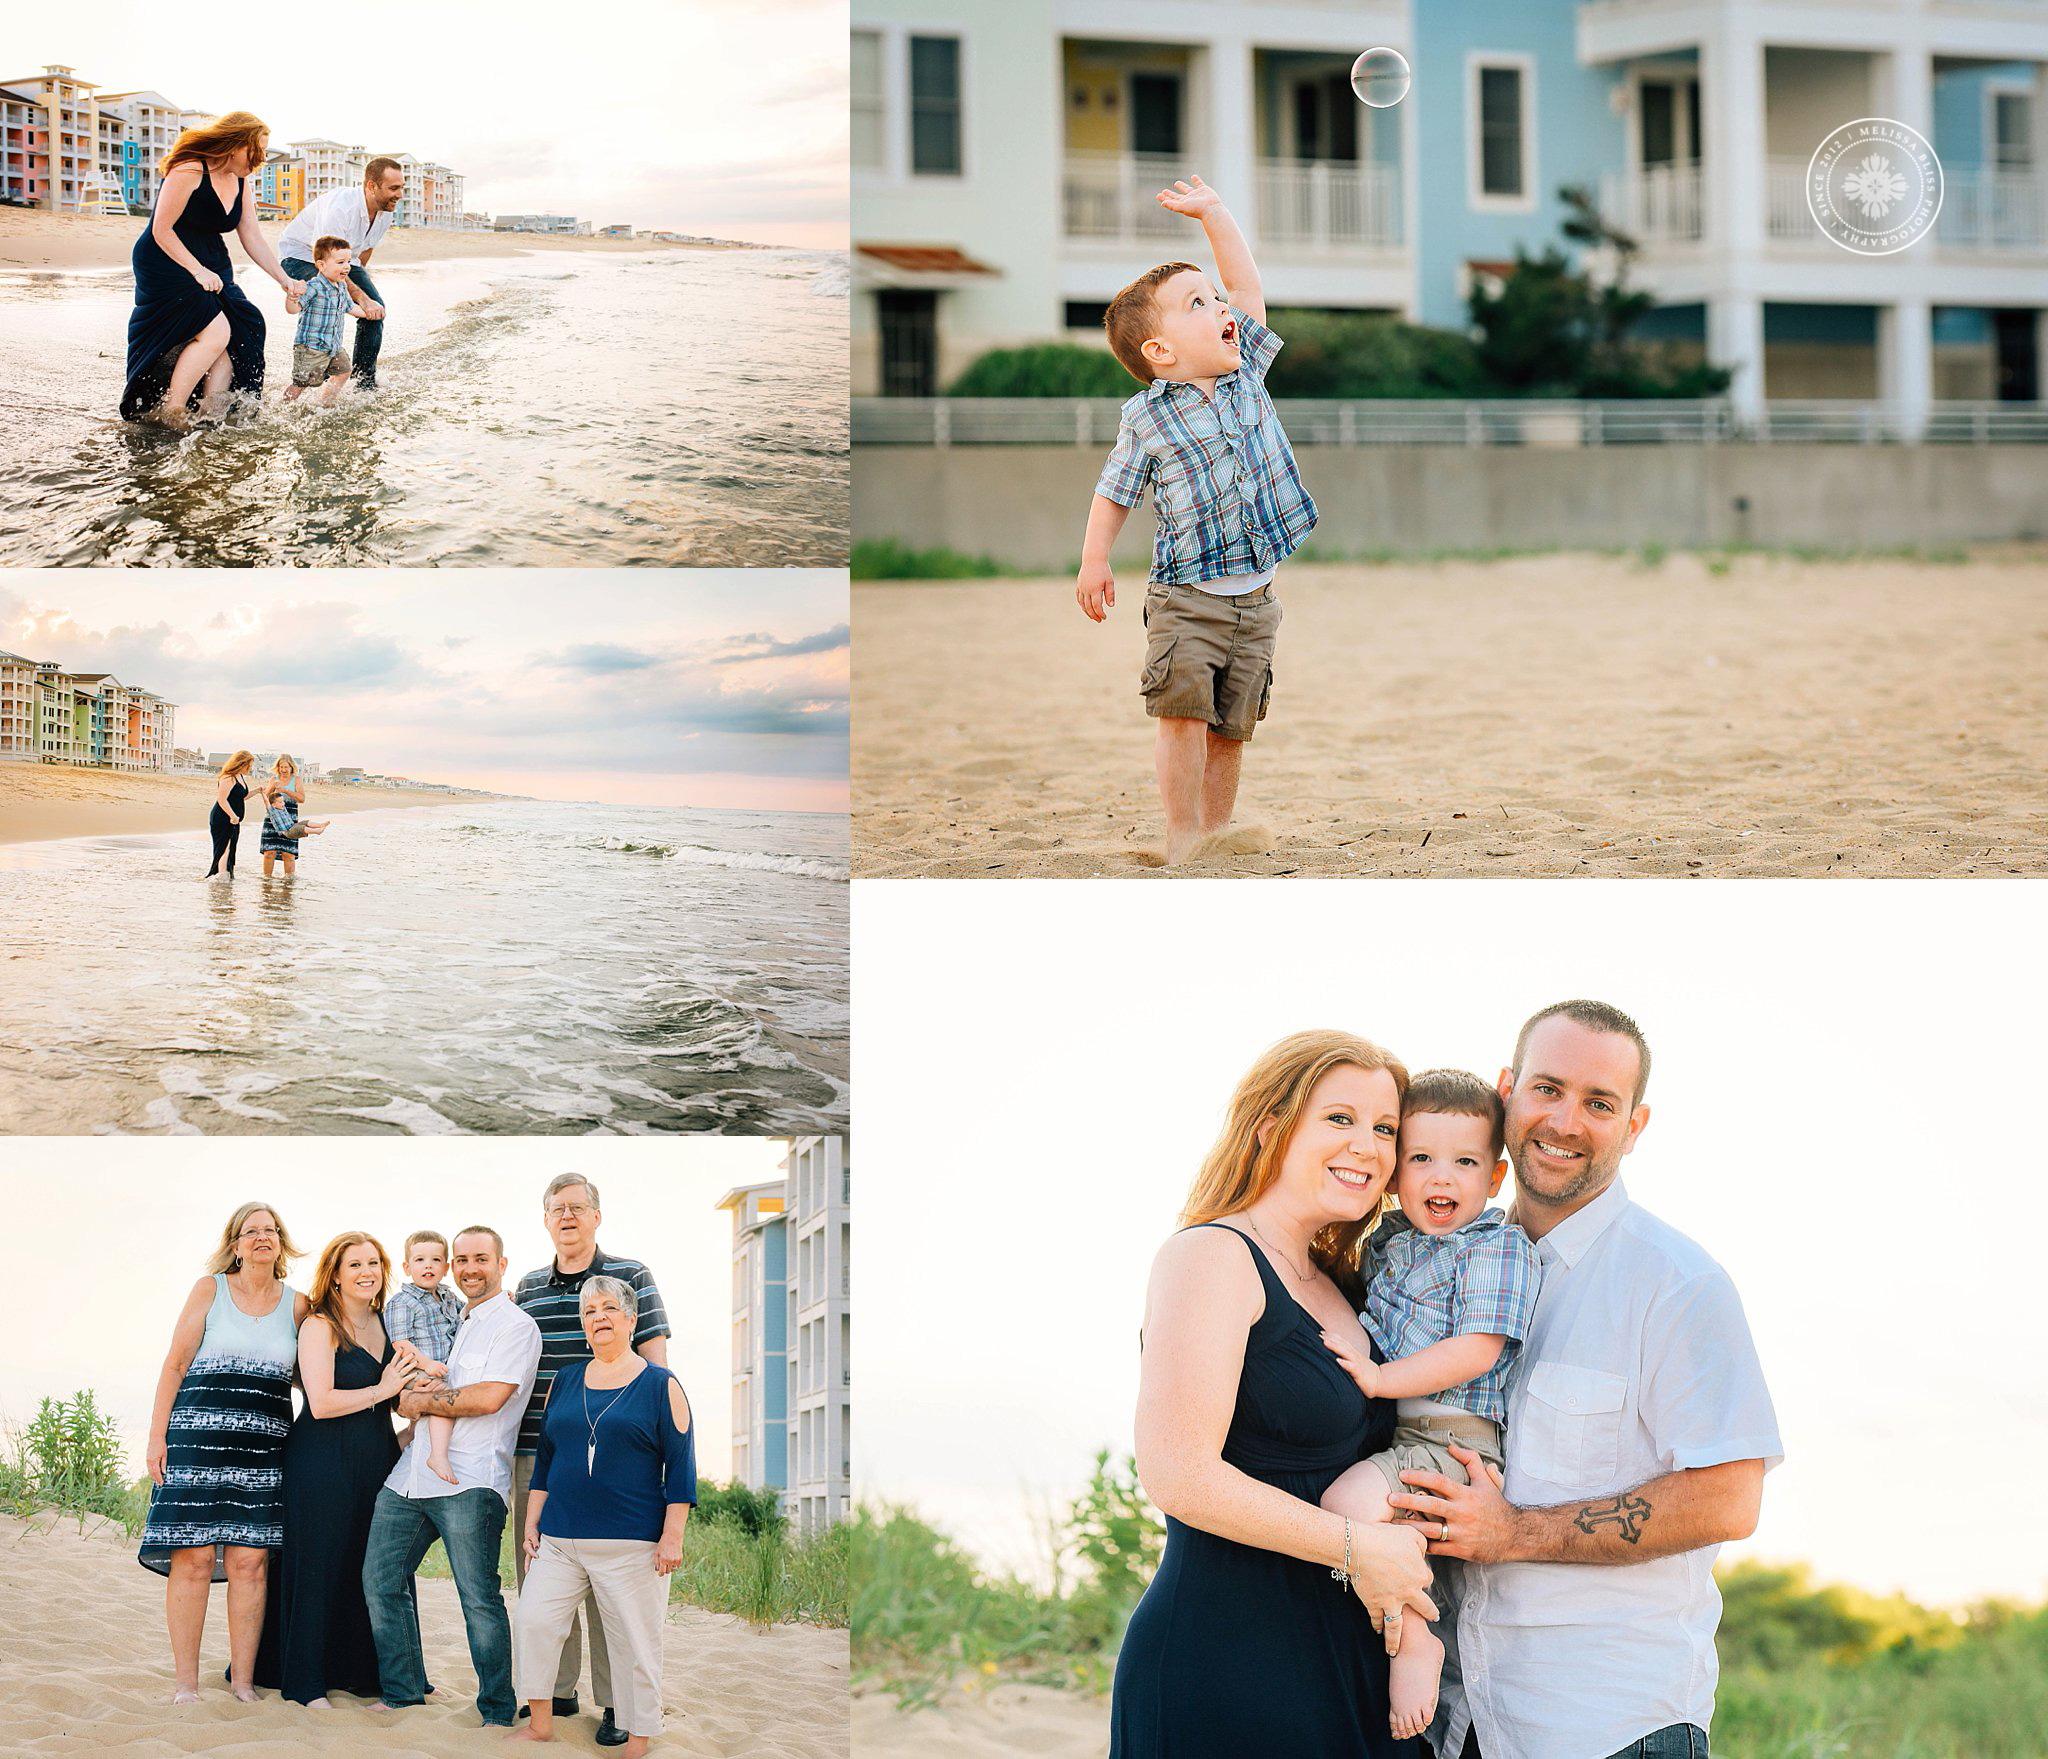 sandbridge-beach-family-lifestyle-photographers-melissa-bliss-photography-beach-vacation-family-photos-.jpg